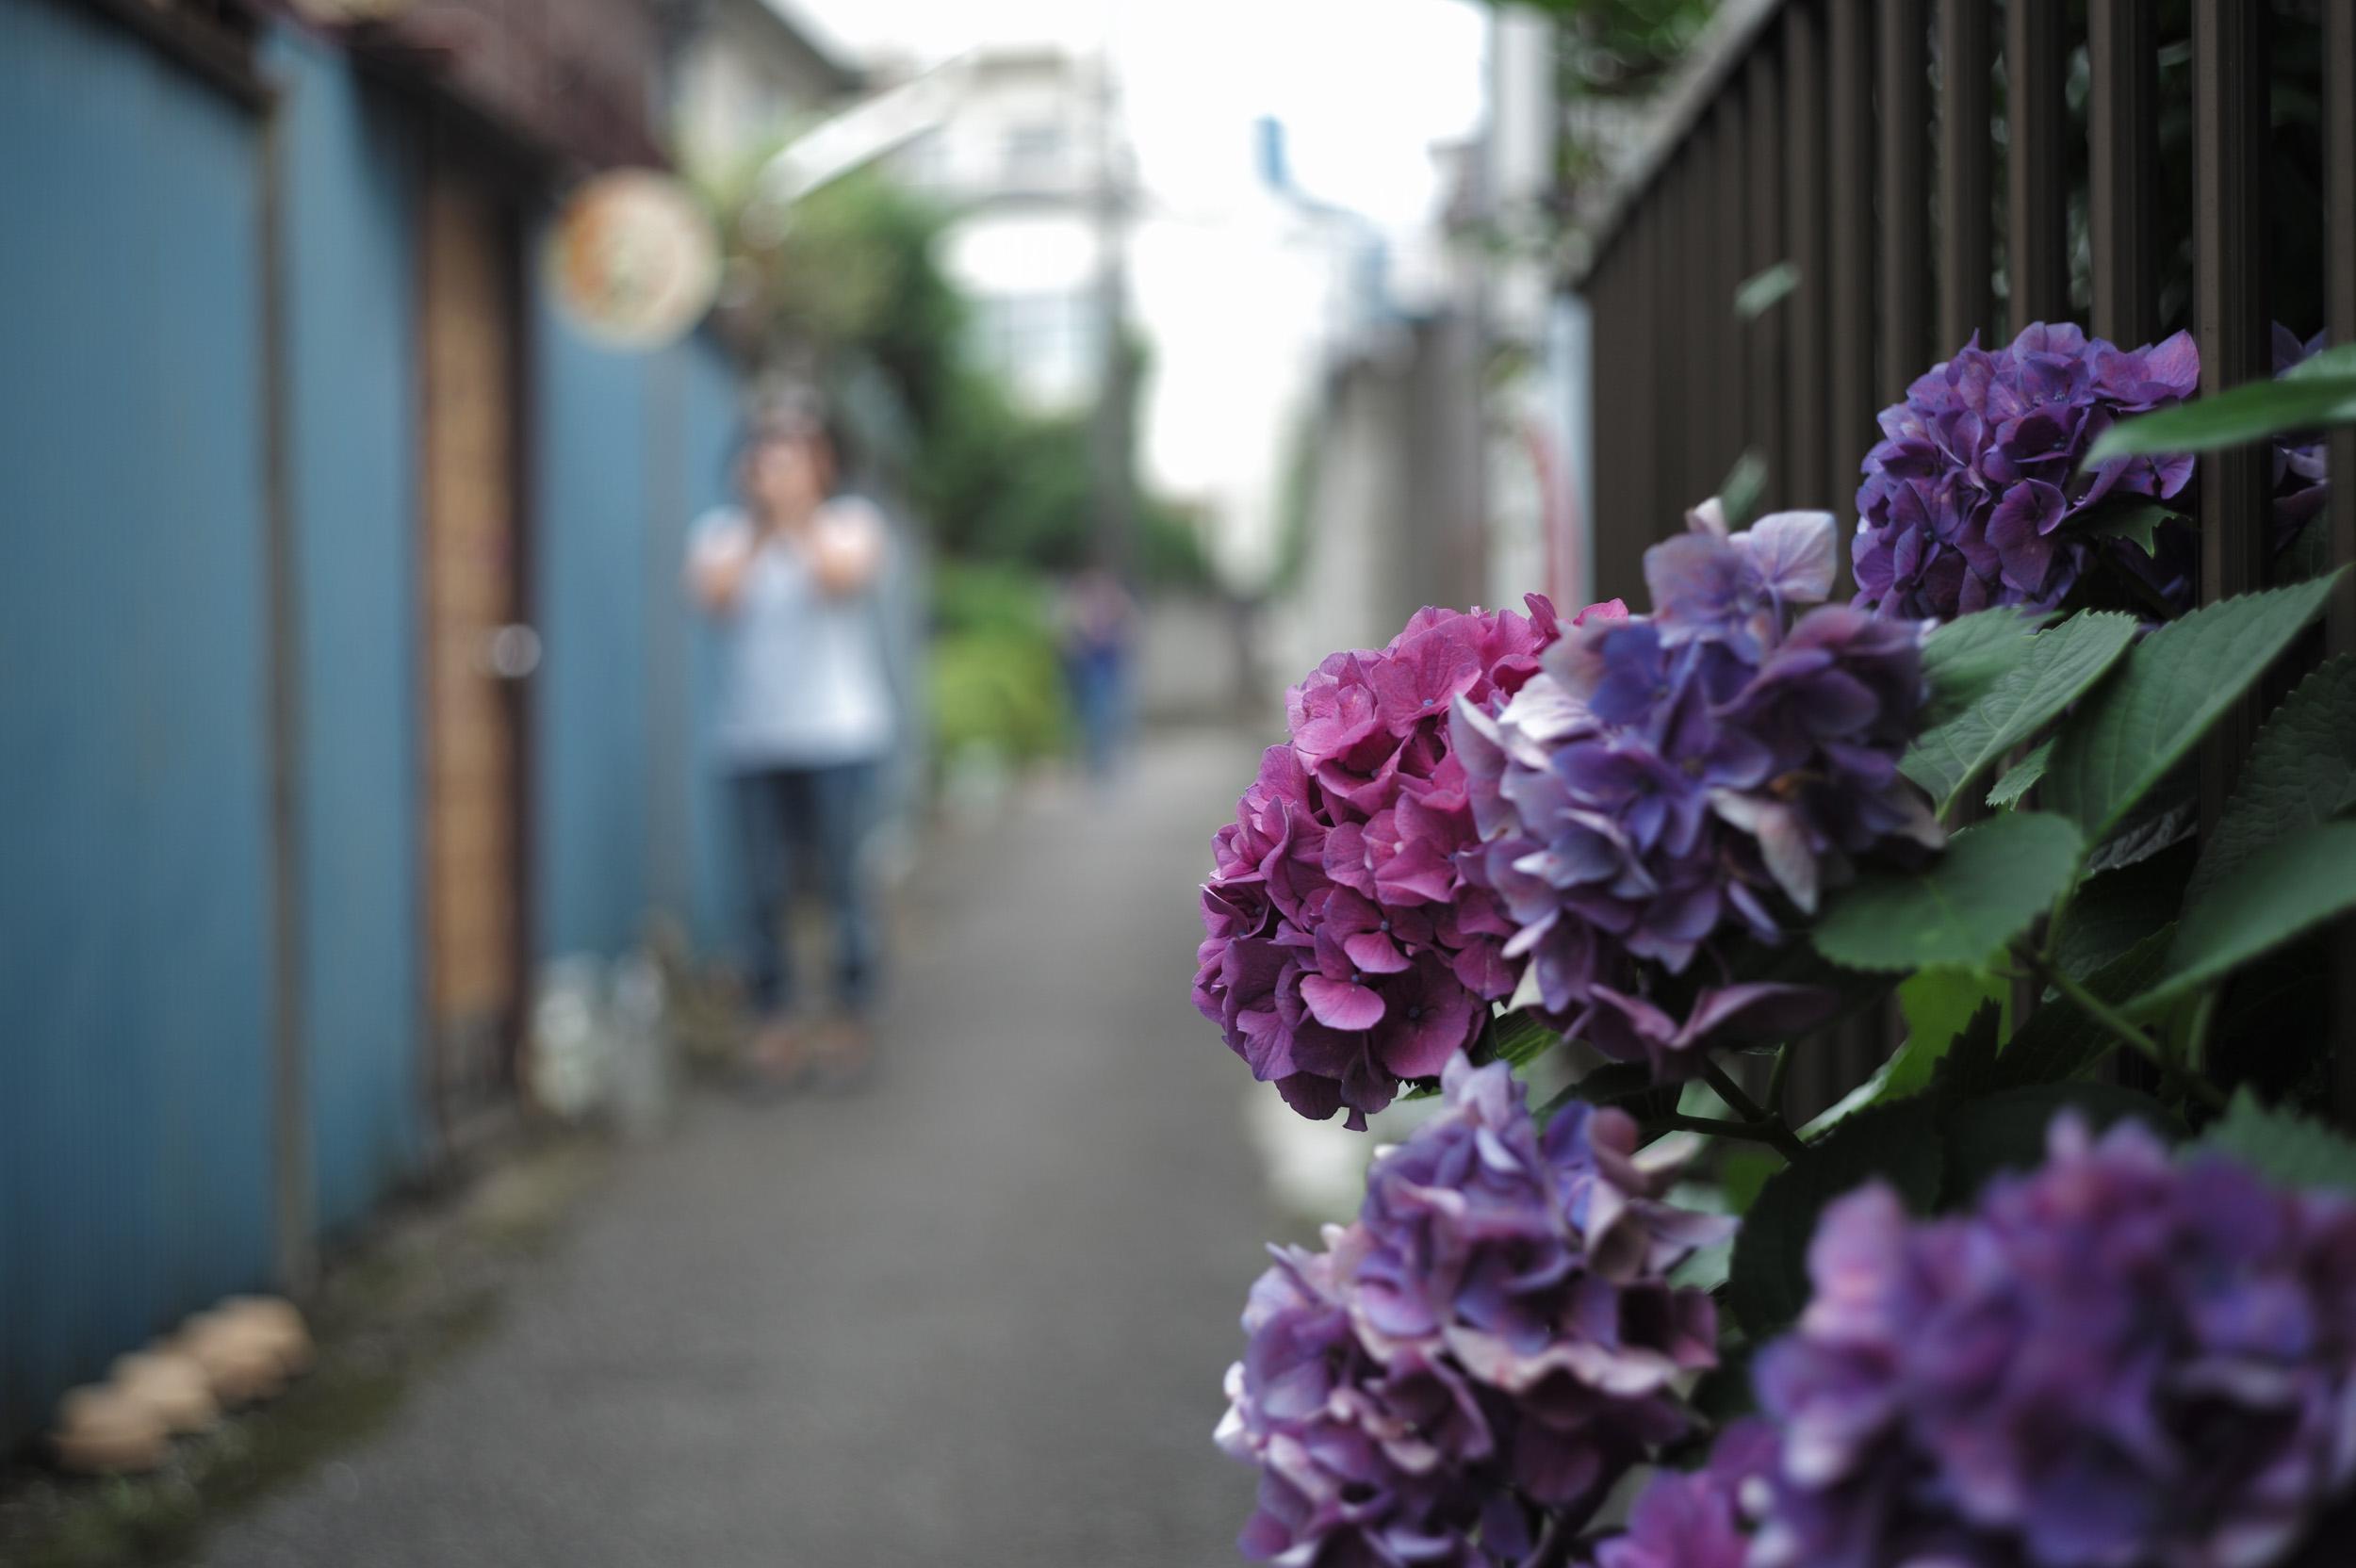 012375_18_leica_copy_fujinon_50_2.8_l